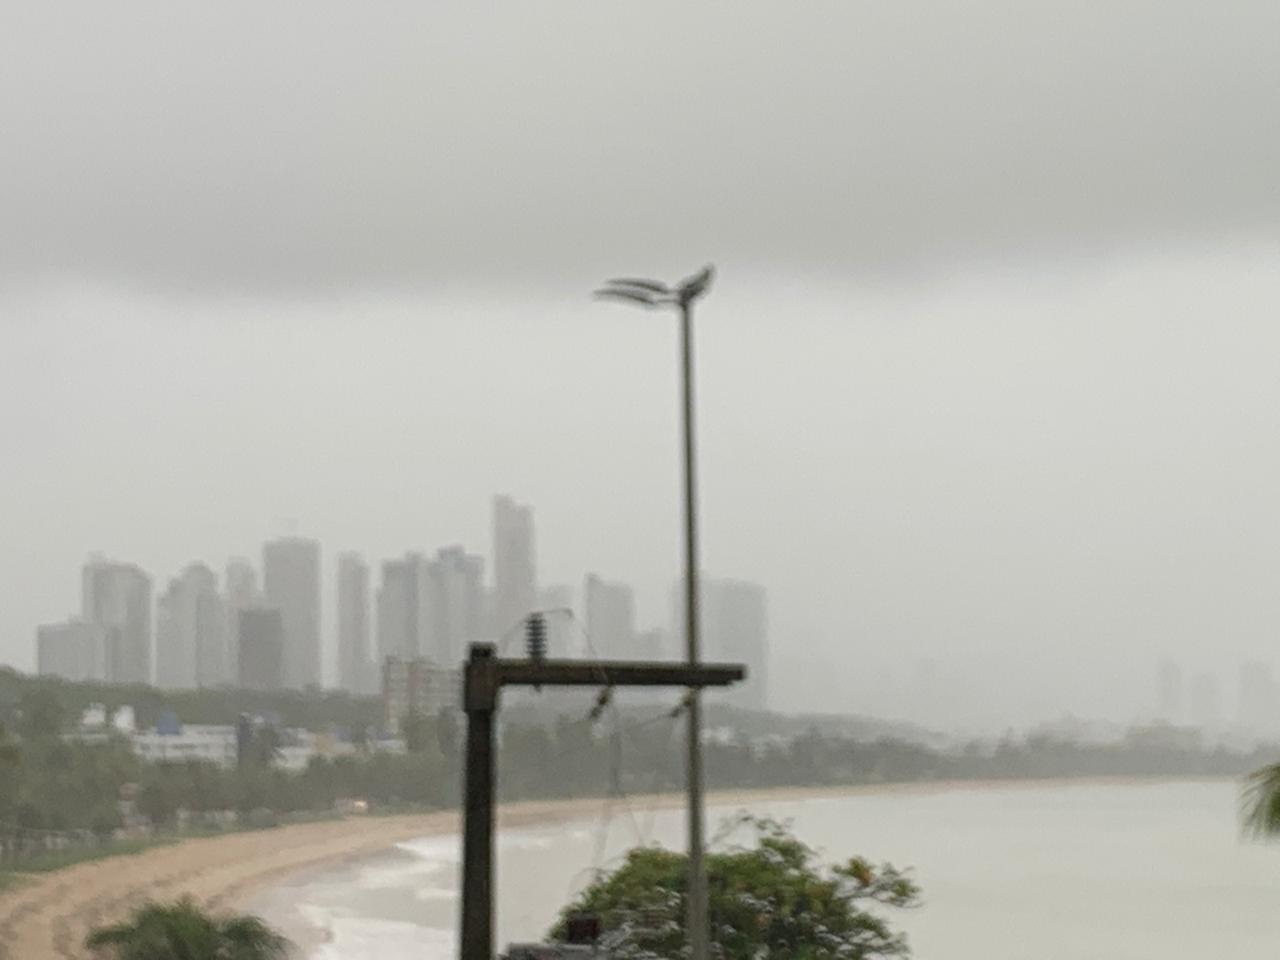 cabo branco - Fortes chuvas, relâmpagos e trovoadas são registrados na manhã desta quarta-feira na Paraíba; Veja a previsão